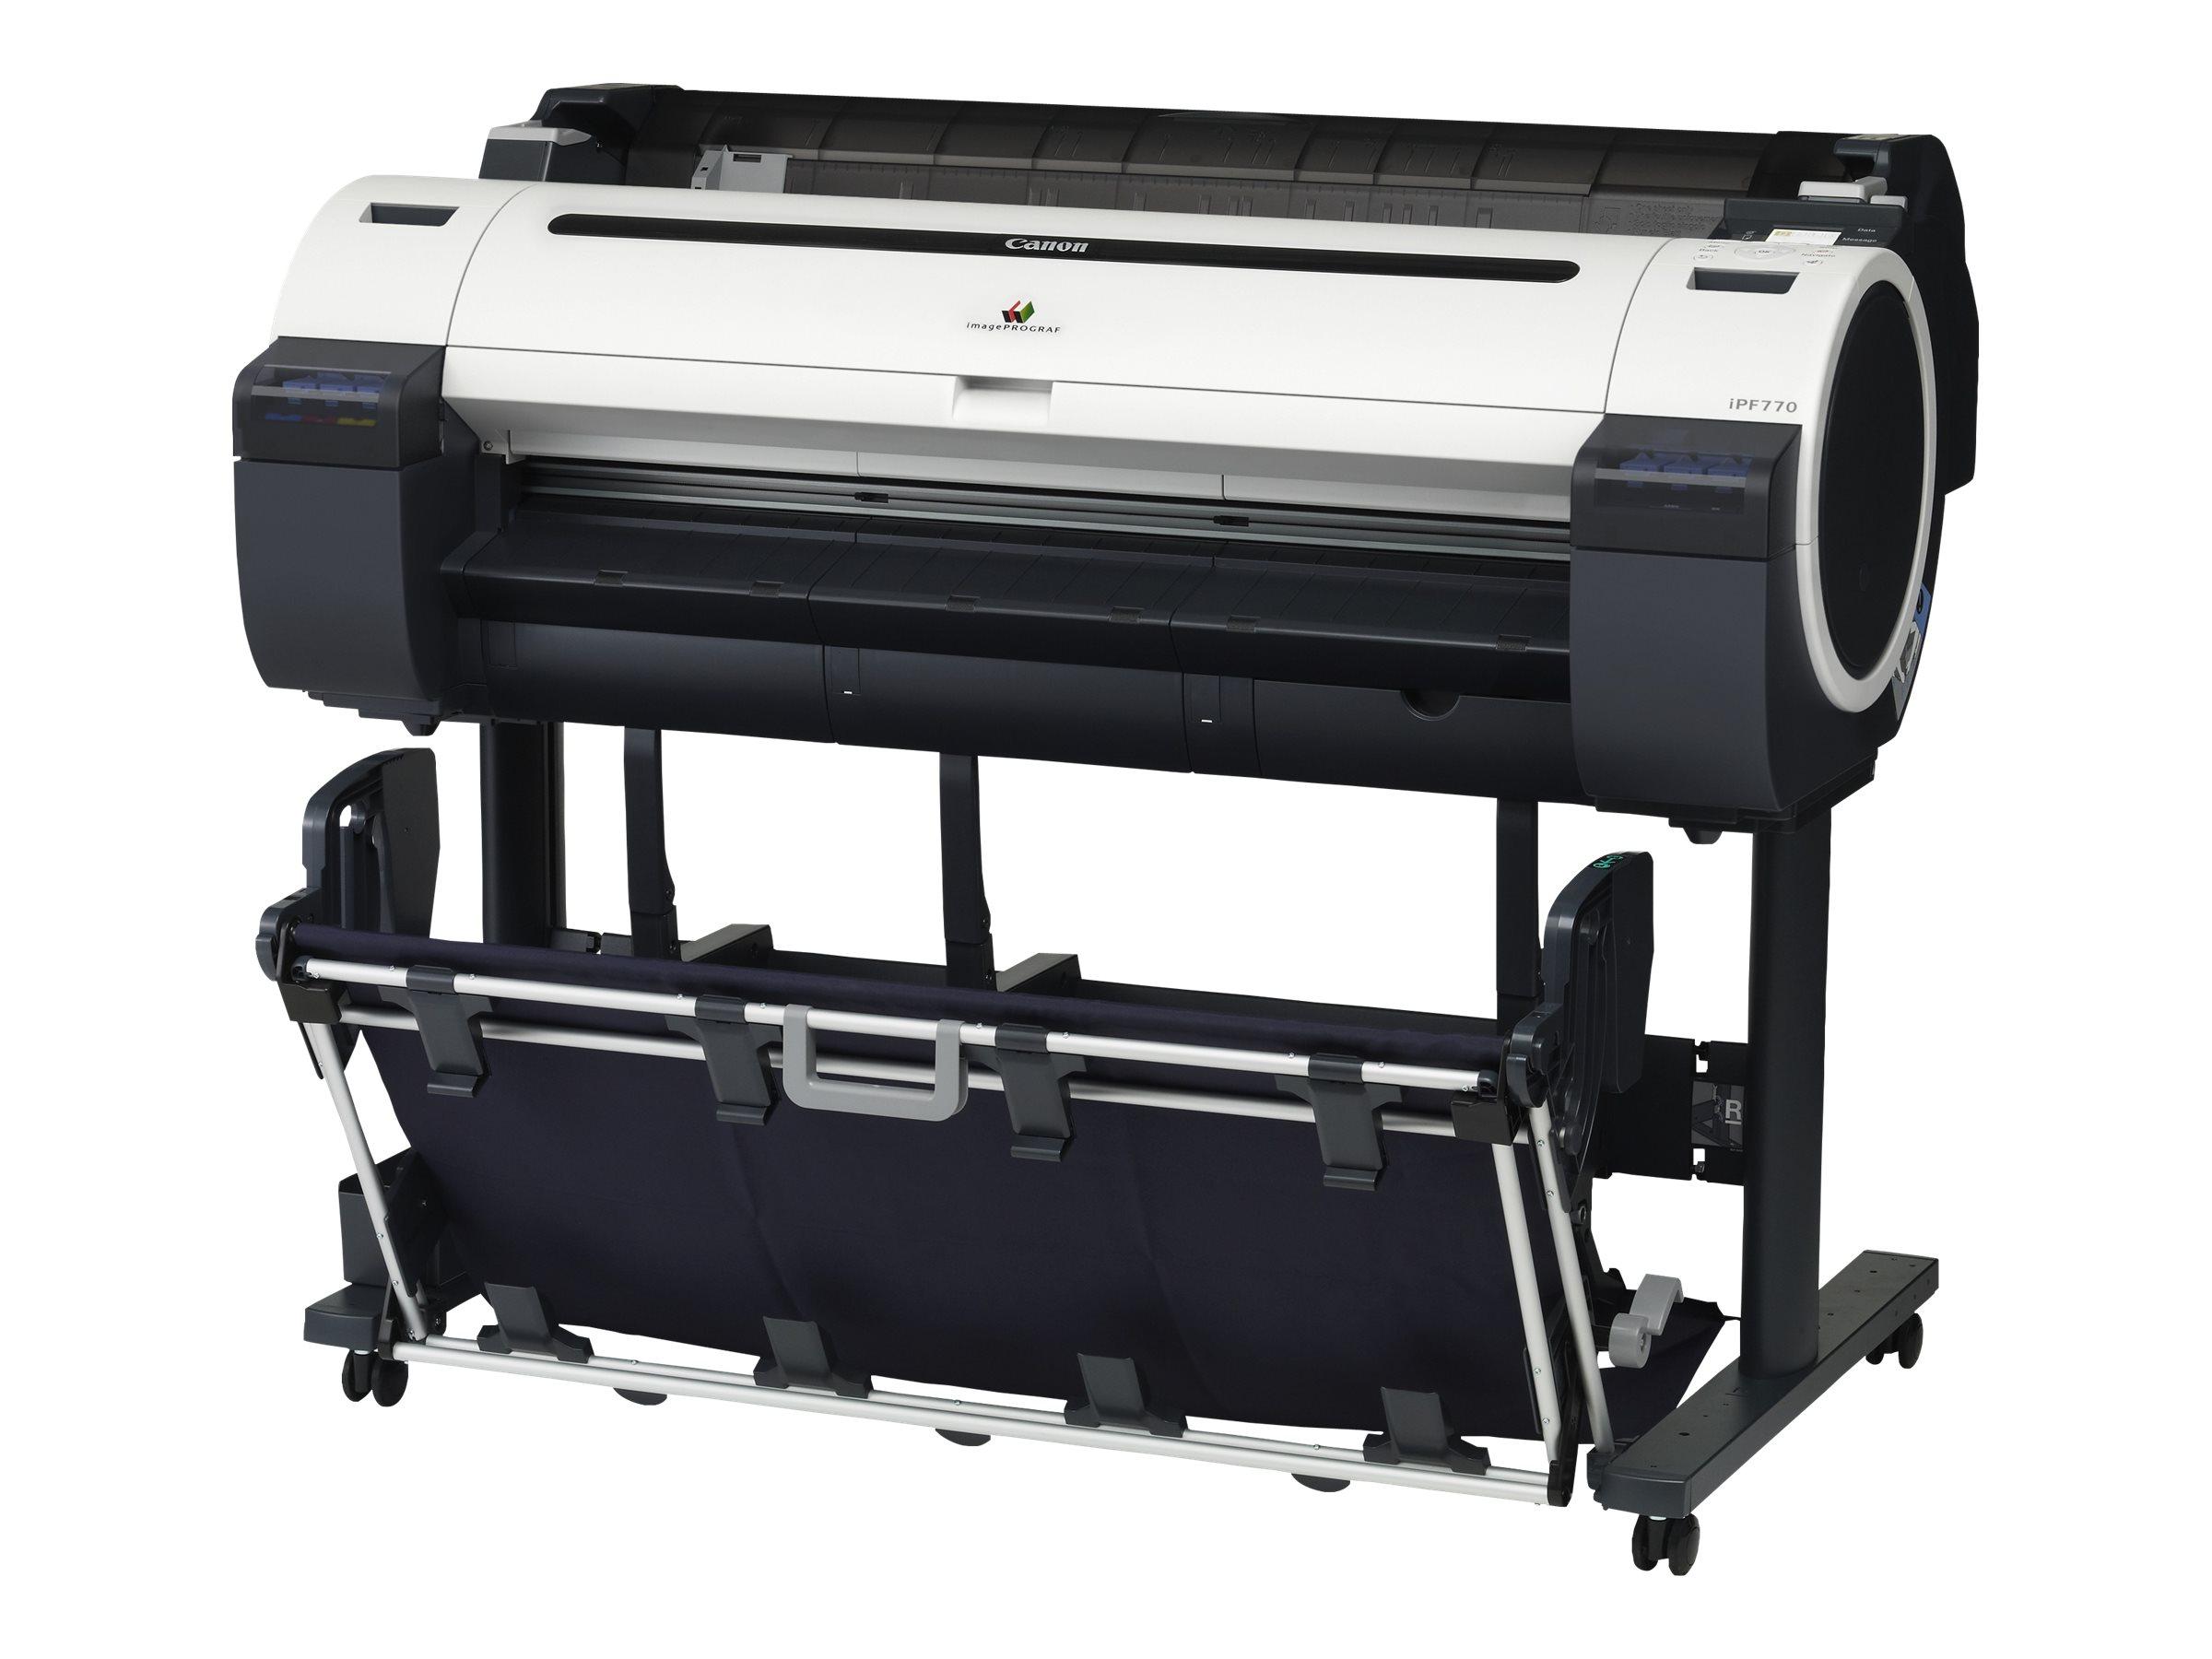 """Vorschau: Canon imagePROGRAF iPF770 - 914 mm (36"""") Großformatdrucker"""